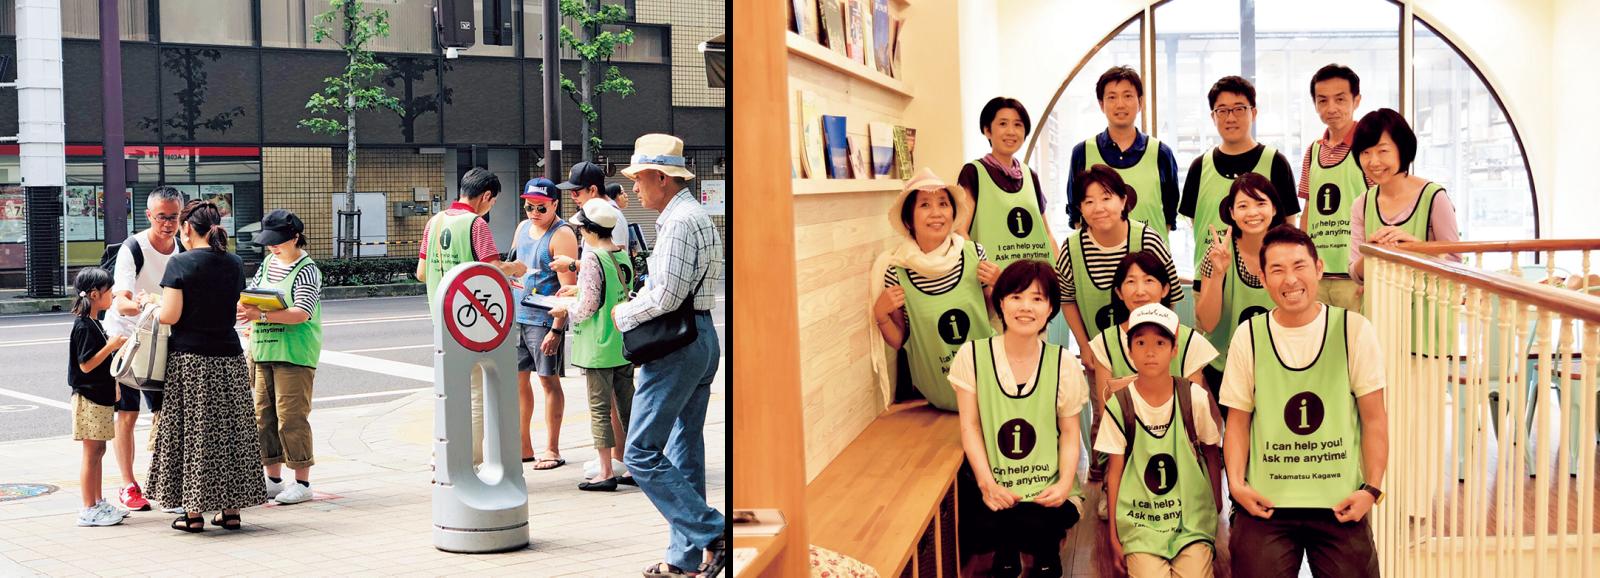 生徒と一緒に「おもてなしボランティア」を結成。街頭で外国人旅行客に道案内や困りごとを聞くボランティアを行っている。